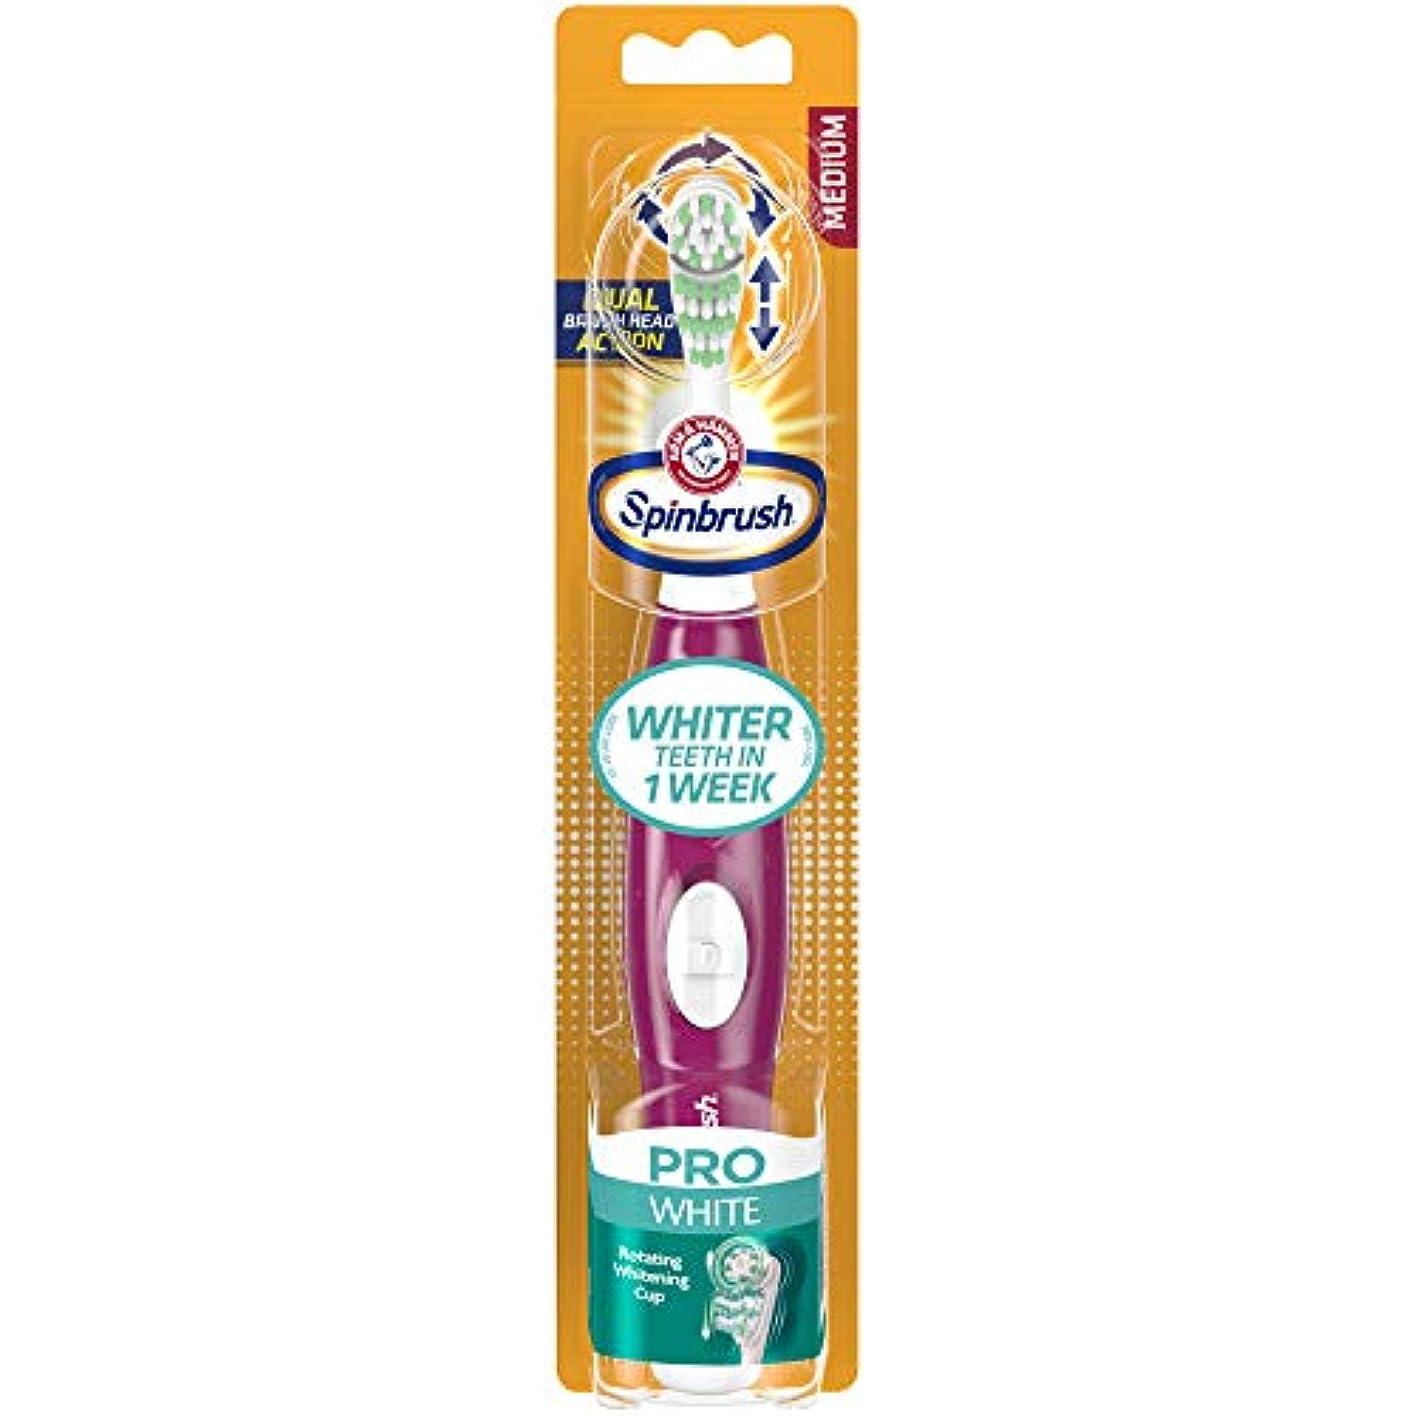 わざわざ例示するアプローチSpinbrush プロシリーズウルトラホワイト歯ブラシ、中1 Eaは 中